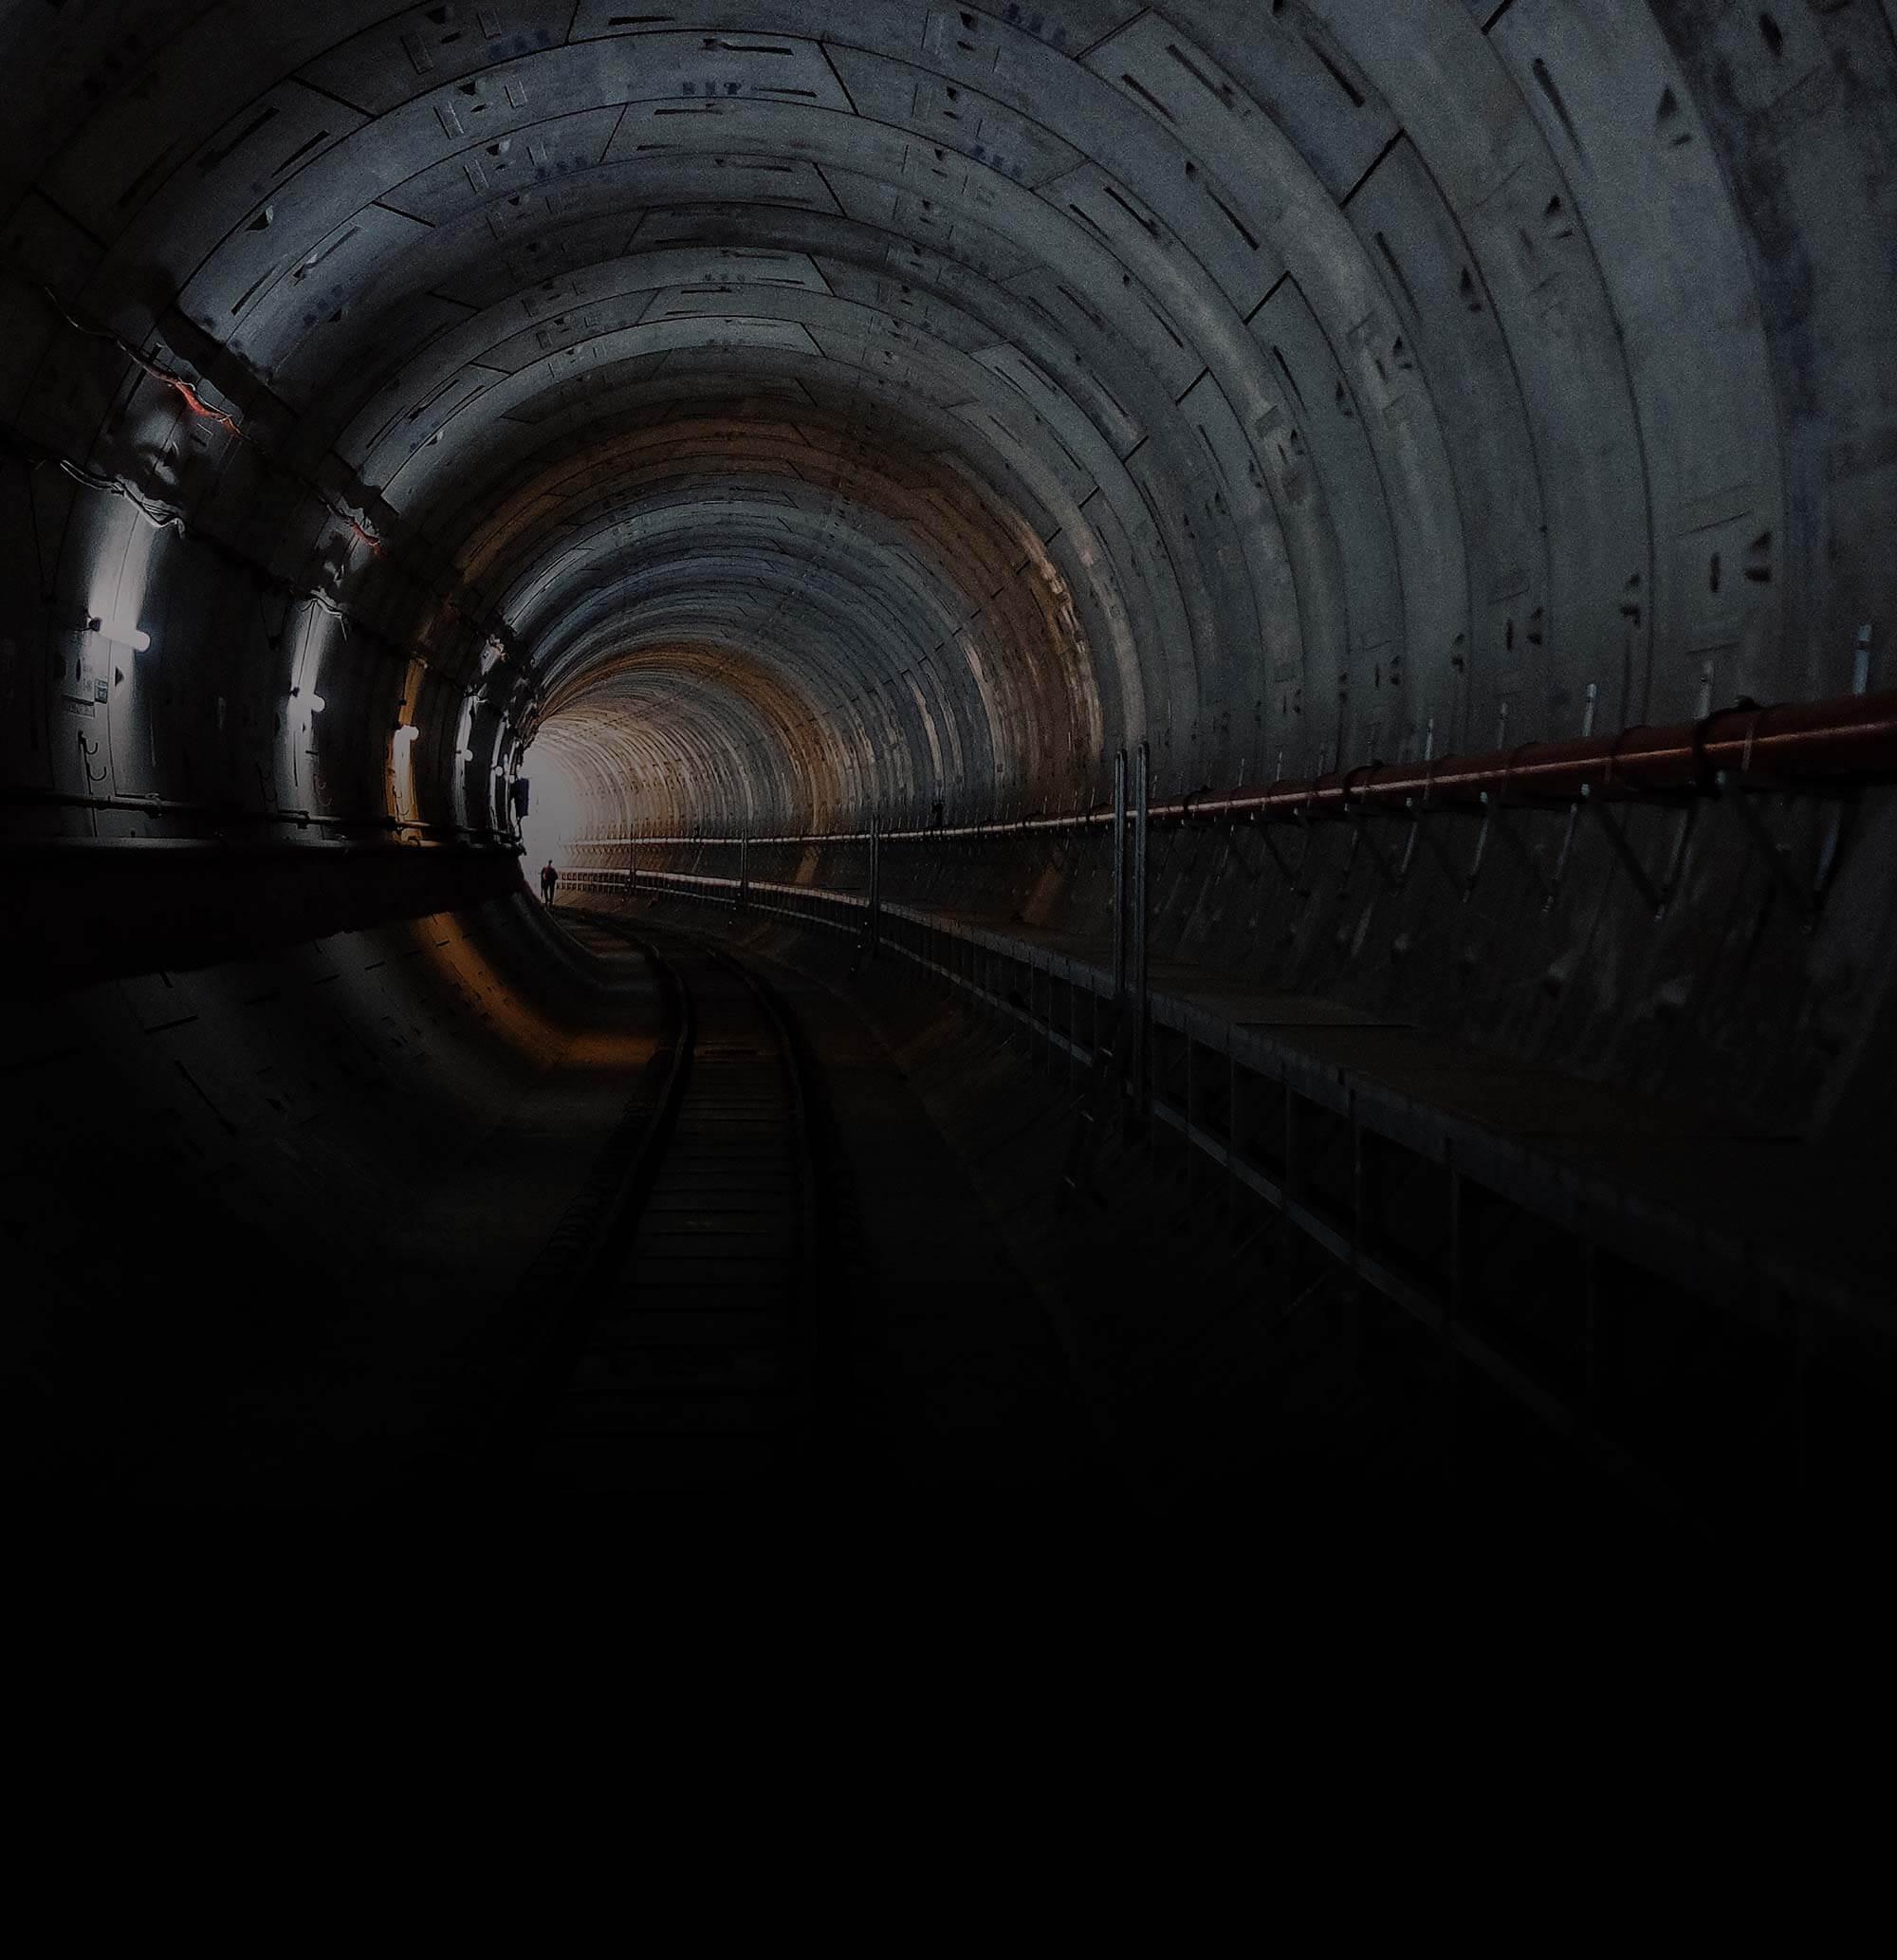 Dark Tunnel Background